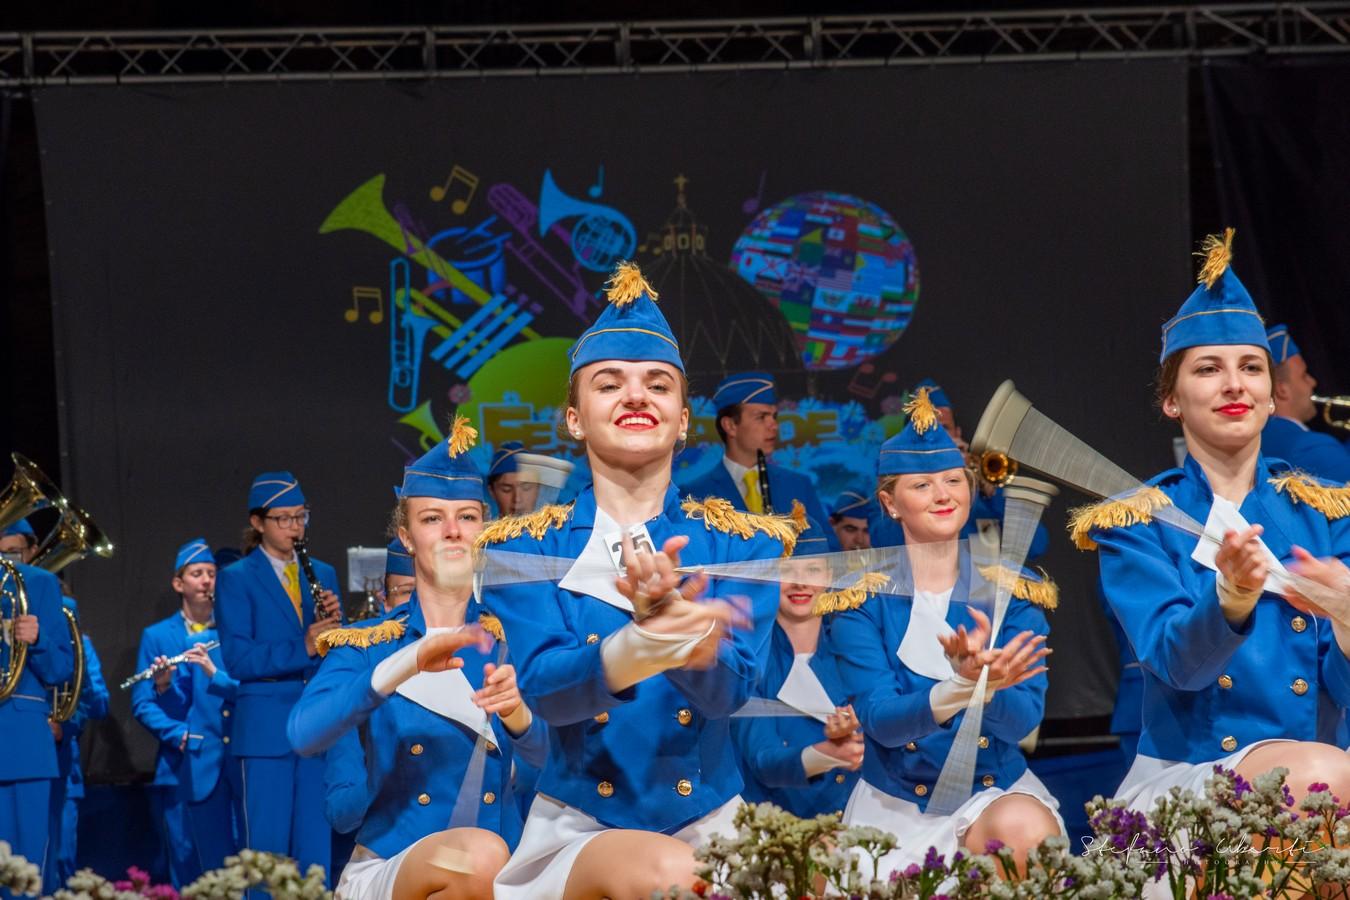 festival-bande-giulianova52